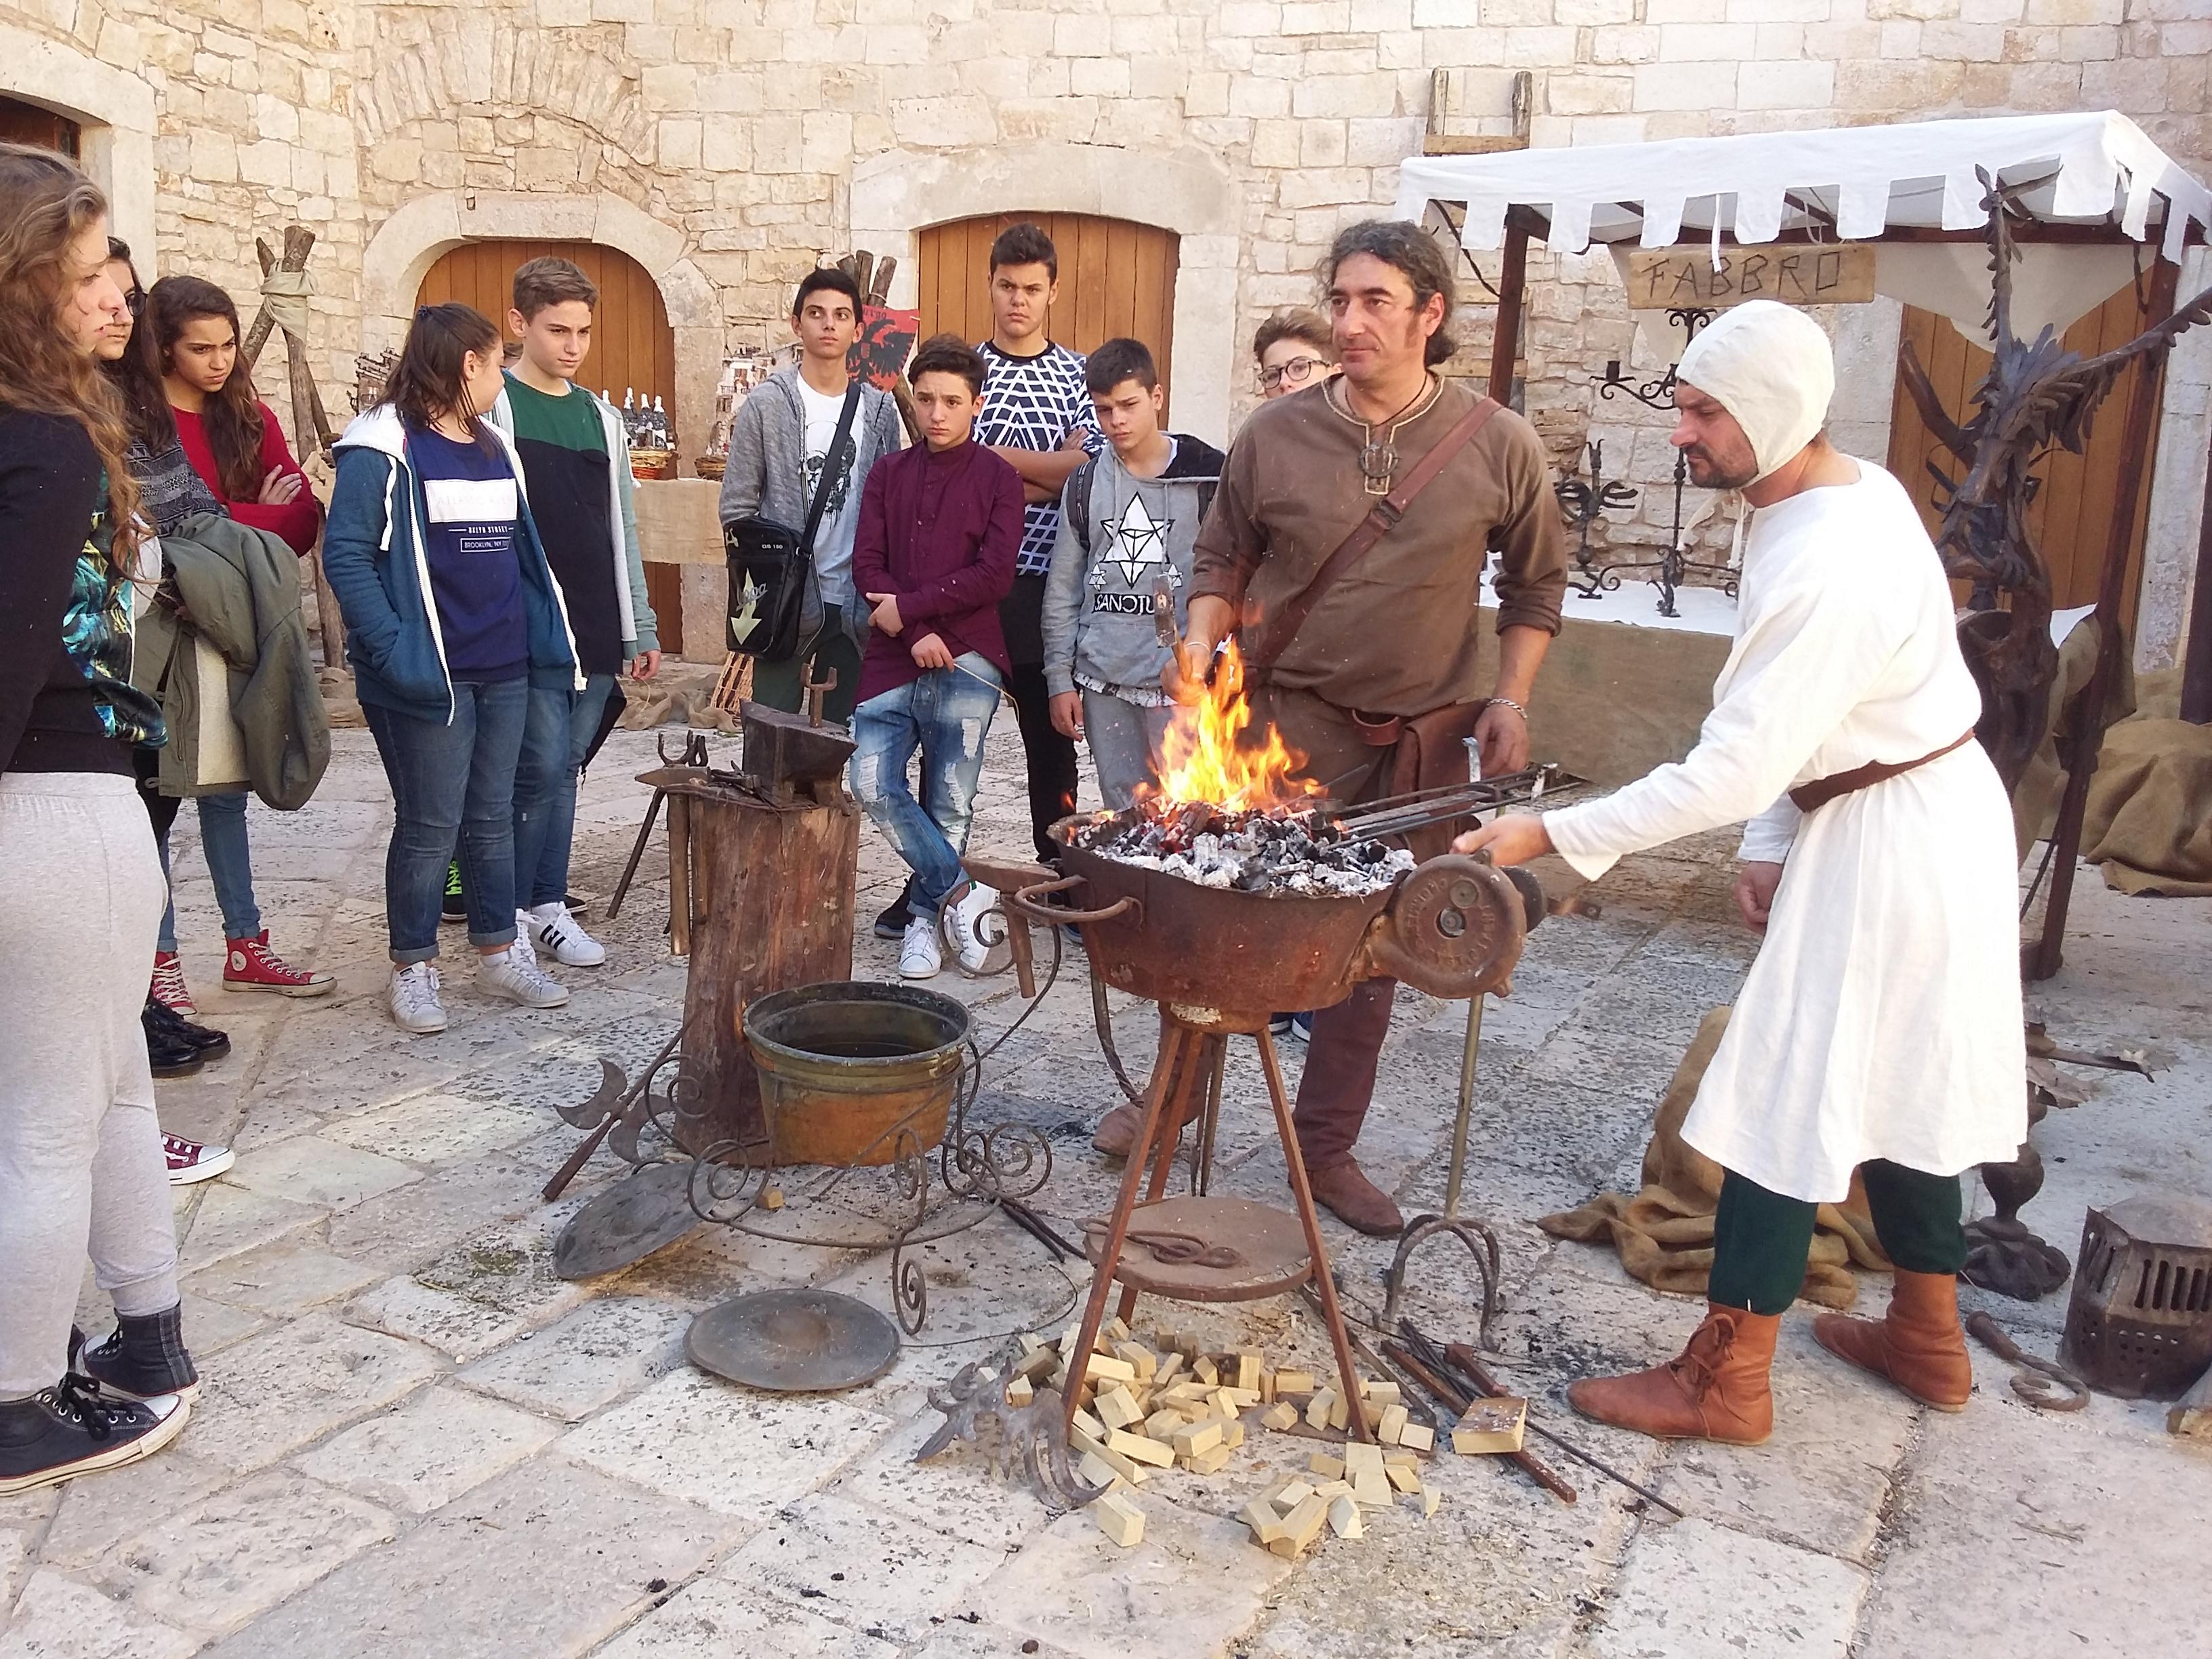 arti e mestieri dal medioevo 2015 castello Sannicandro